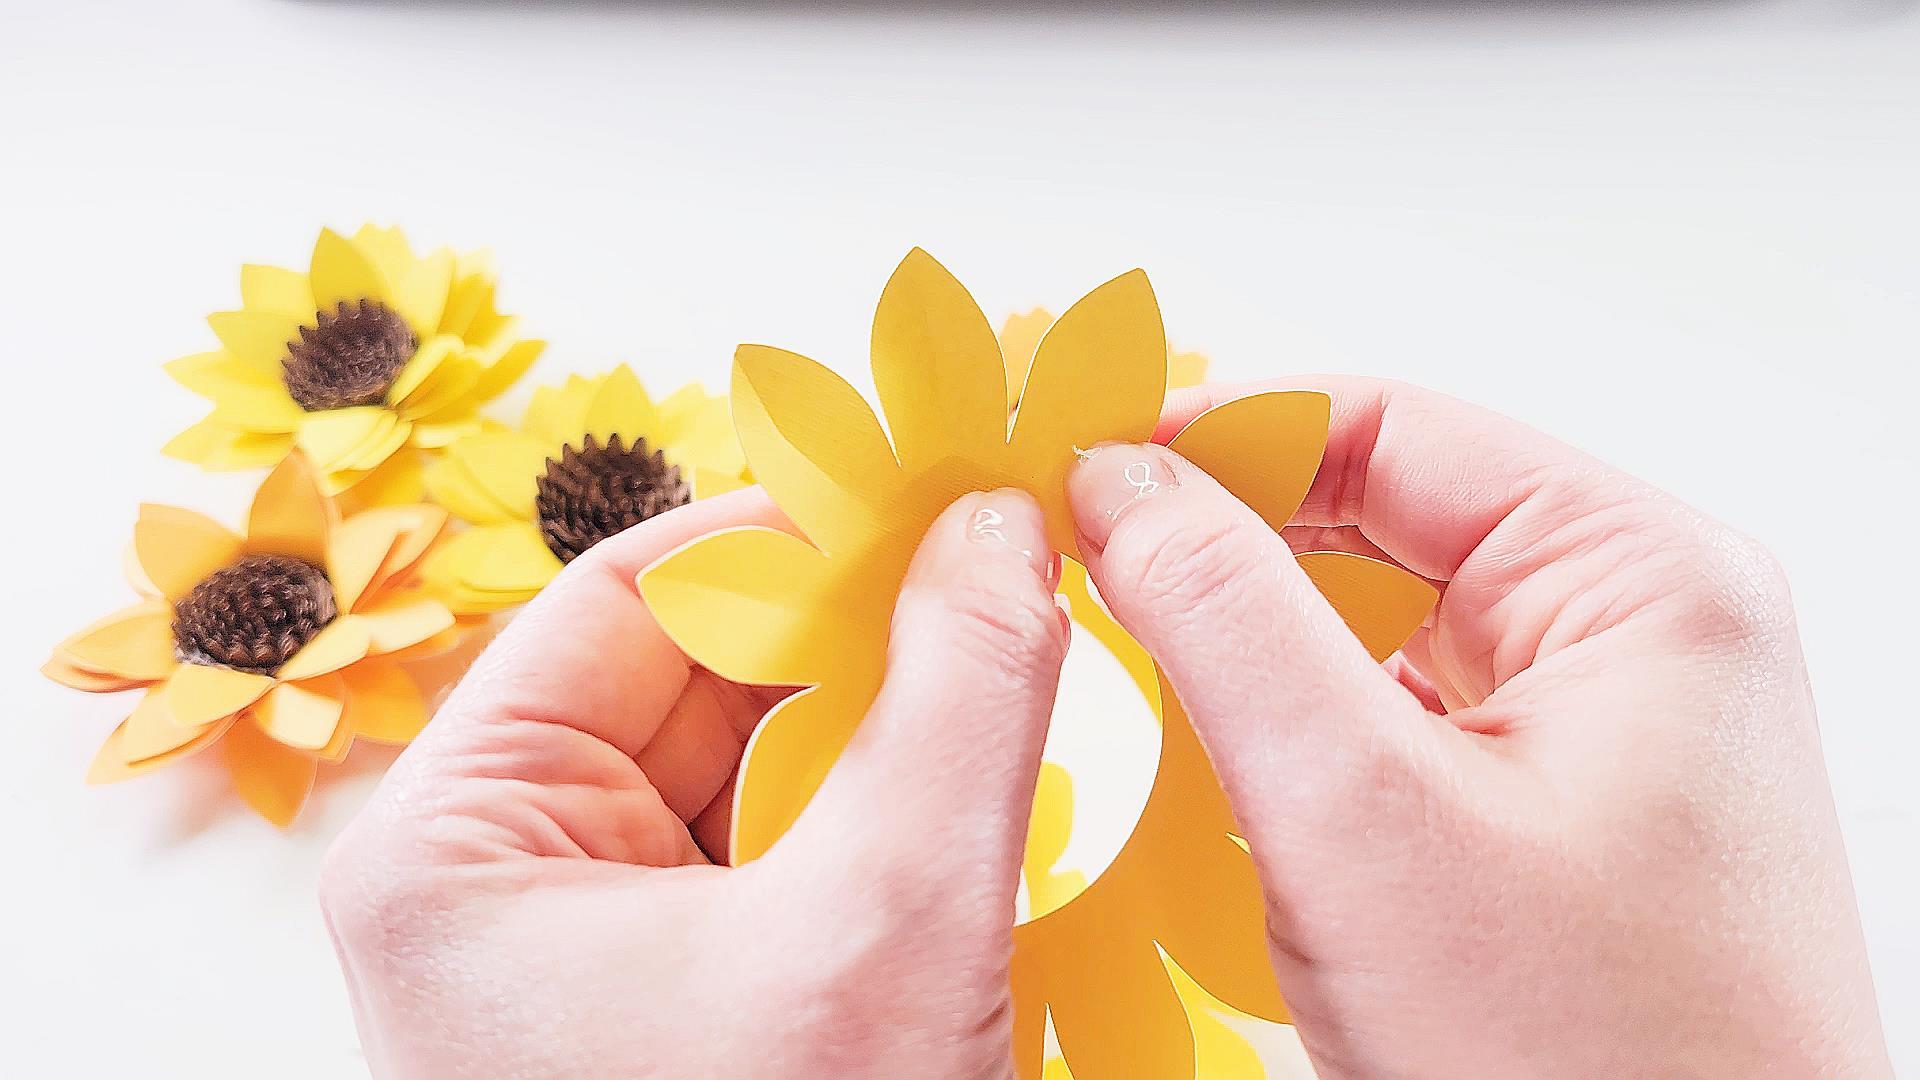 scoring the petals of a sunflower paper flower